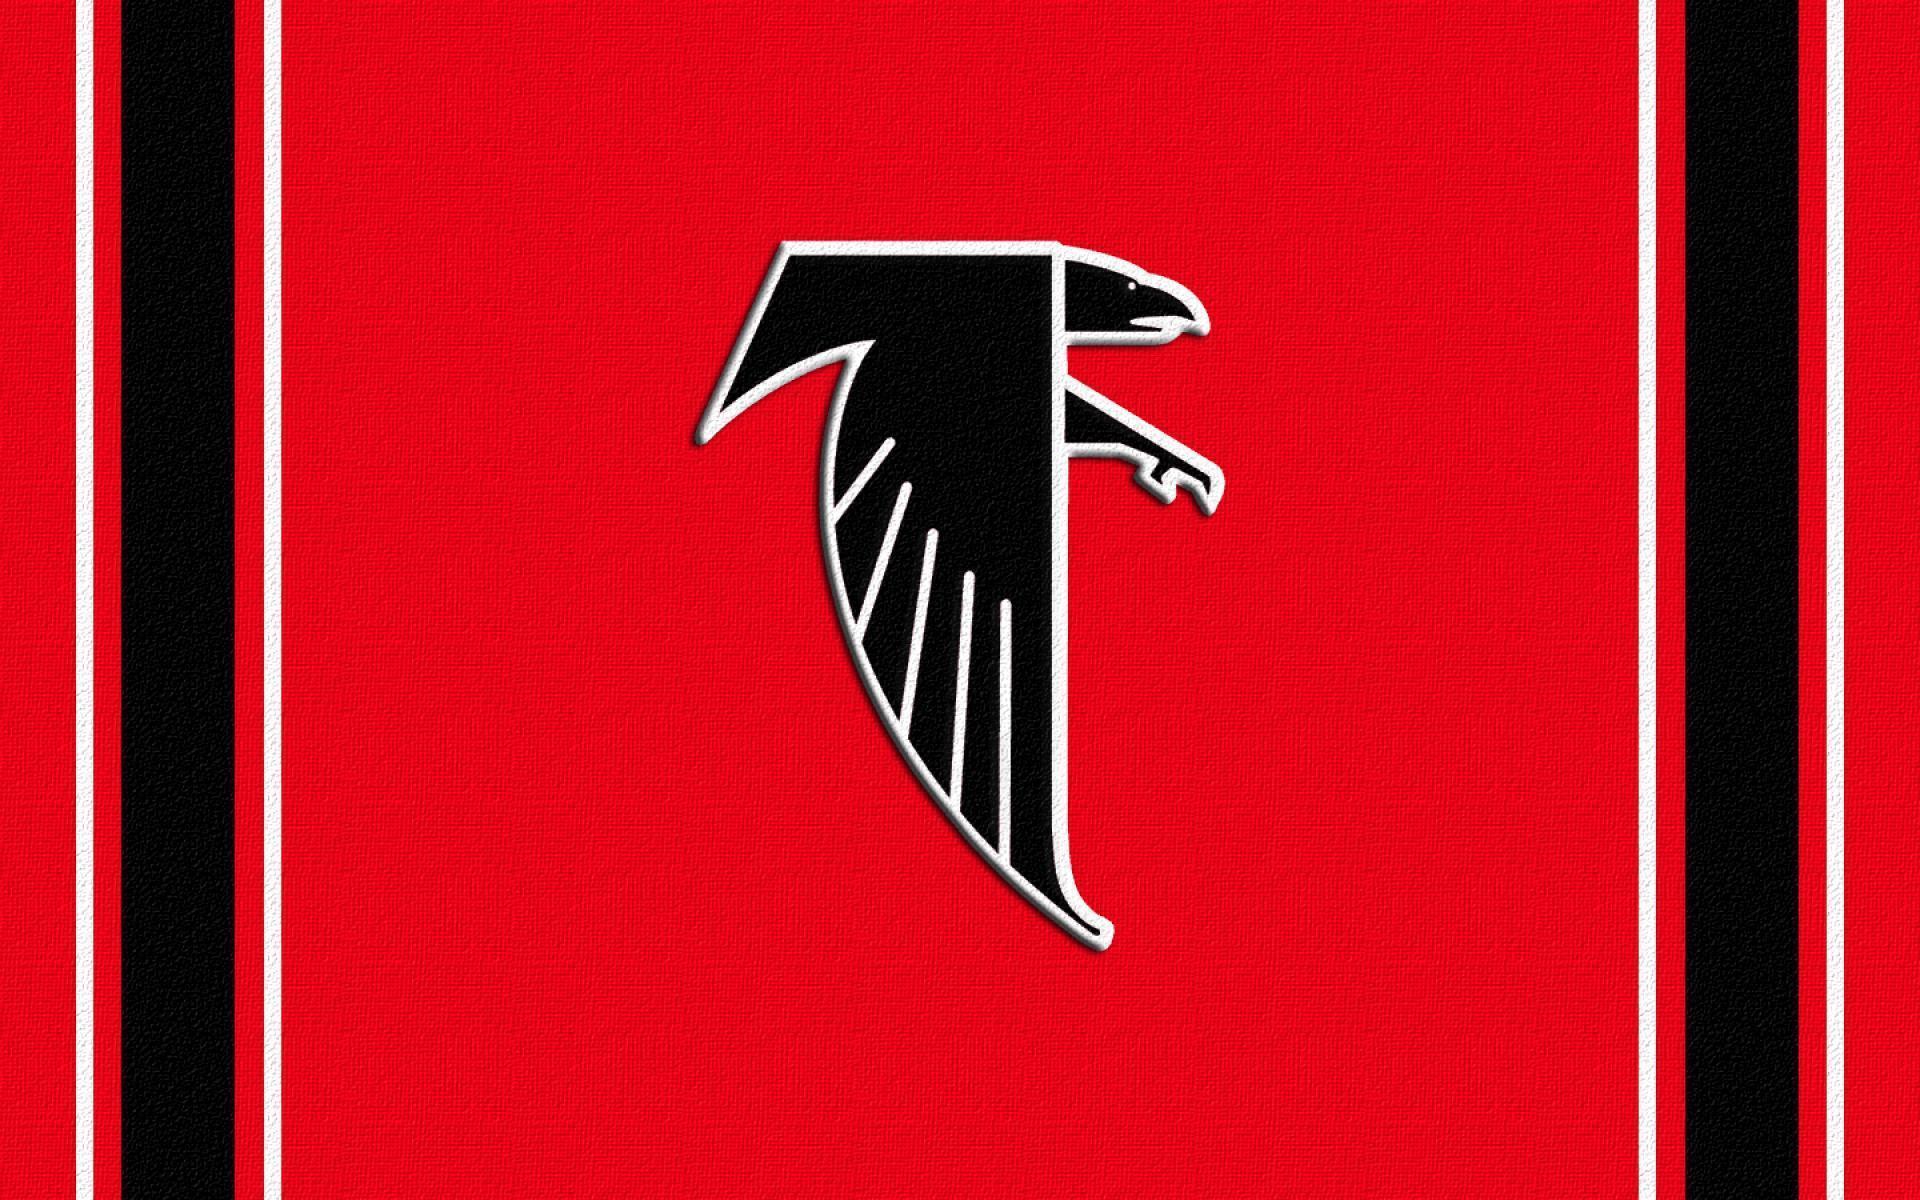 Atlanta Falcons Backgrounds Hq: Atlanta Falcons Desktop Wallpapers